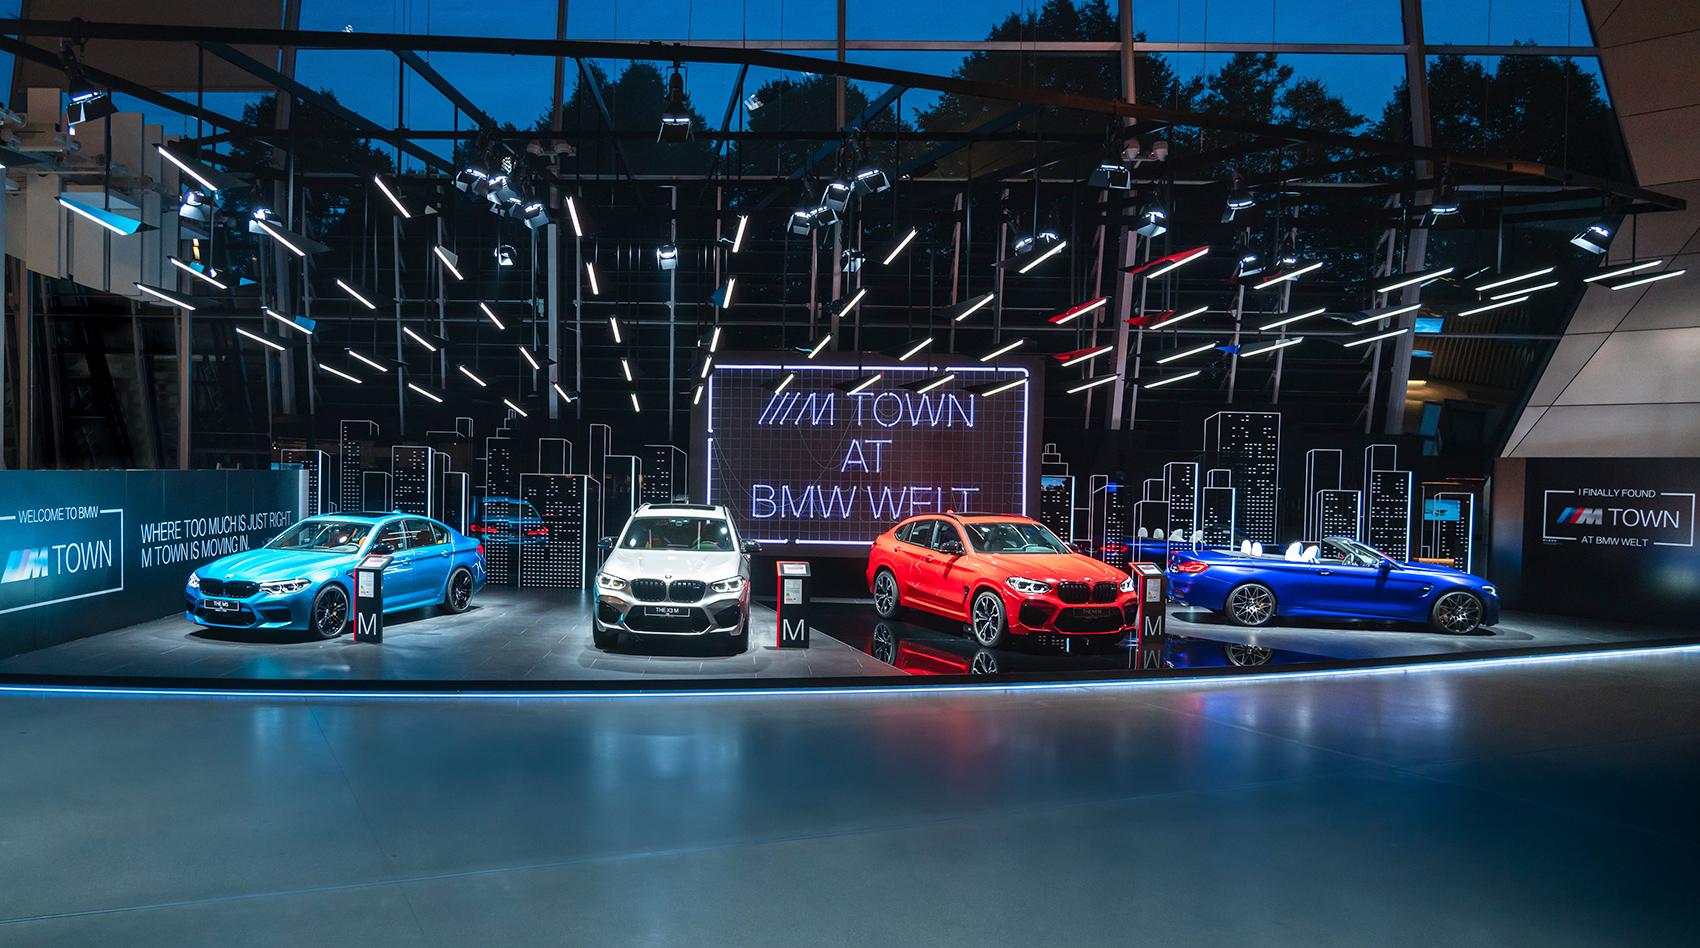 BMW M heter avdelingen bak de sterkeste modellene til BMW, og de har seriøse planer for 2020. (Begge foto: BMW)